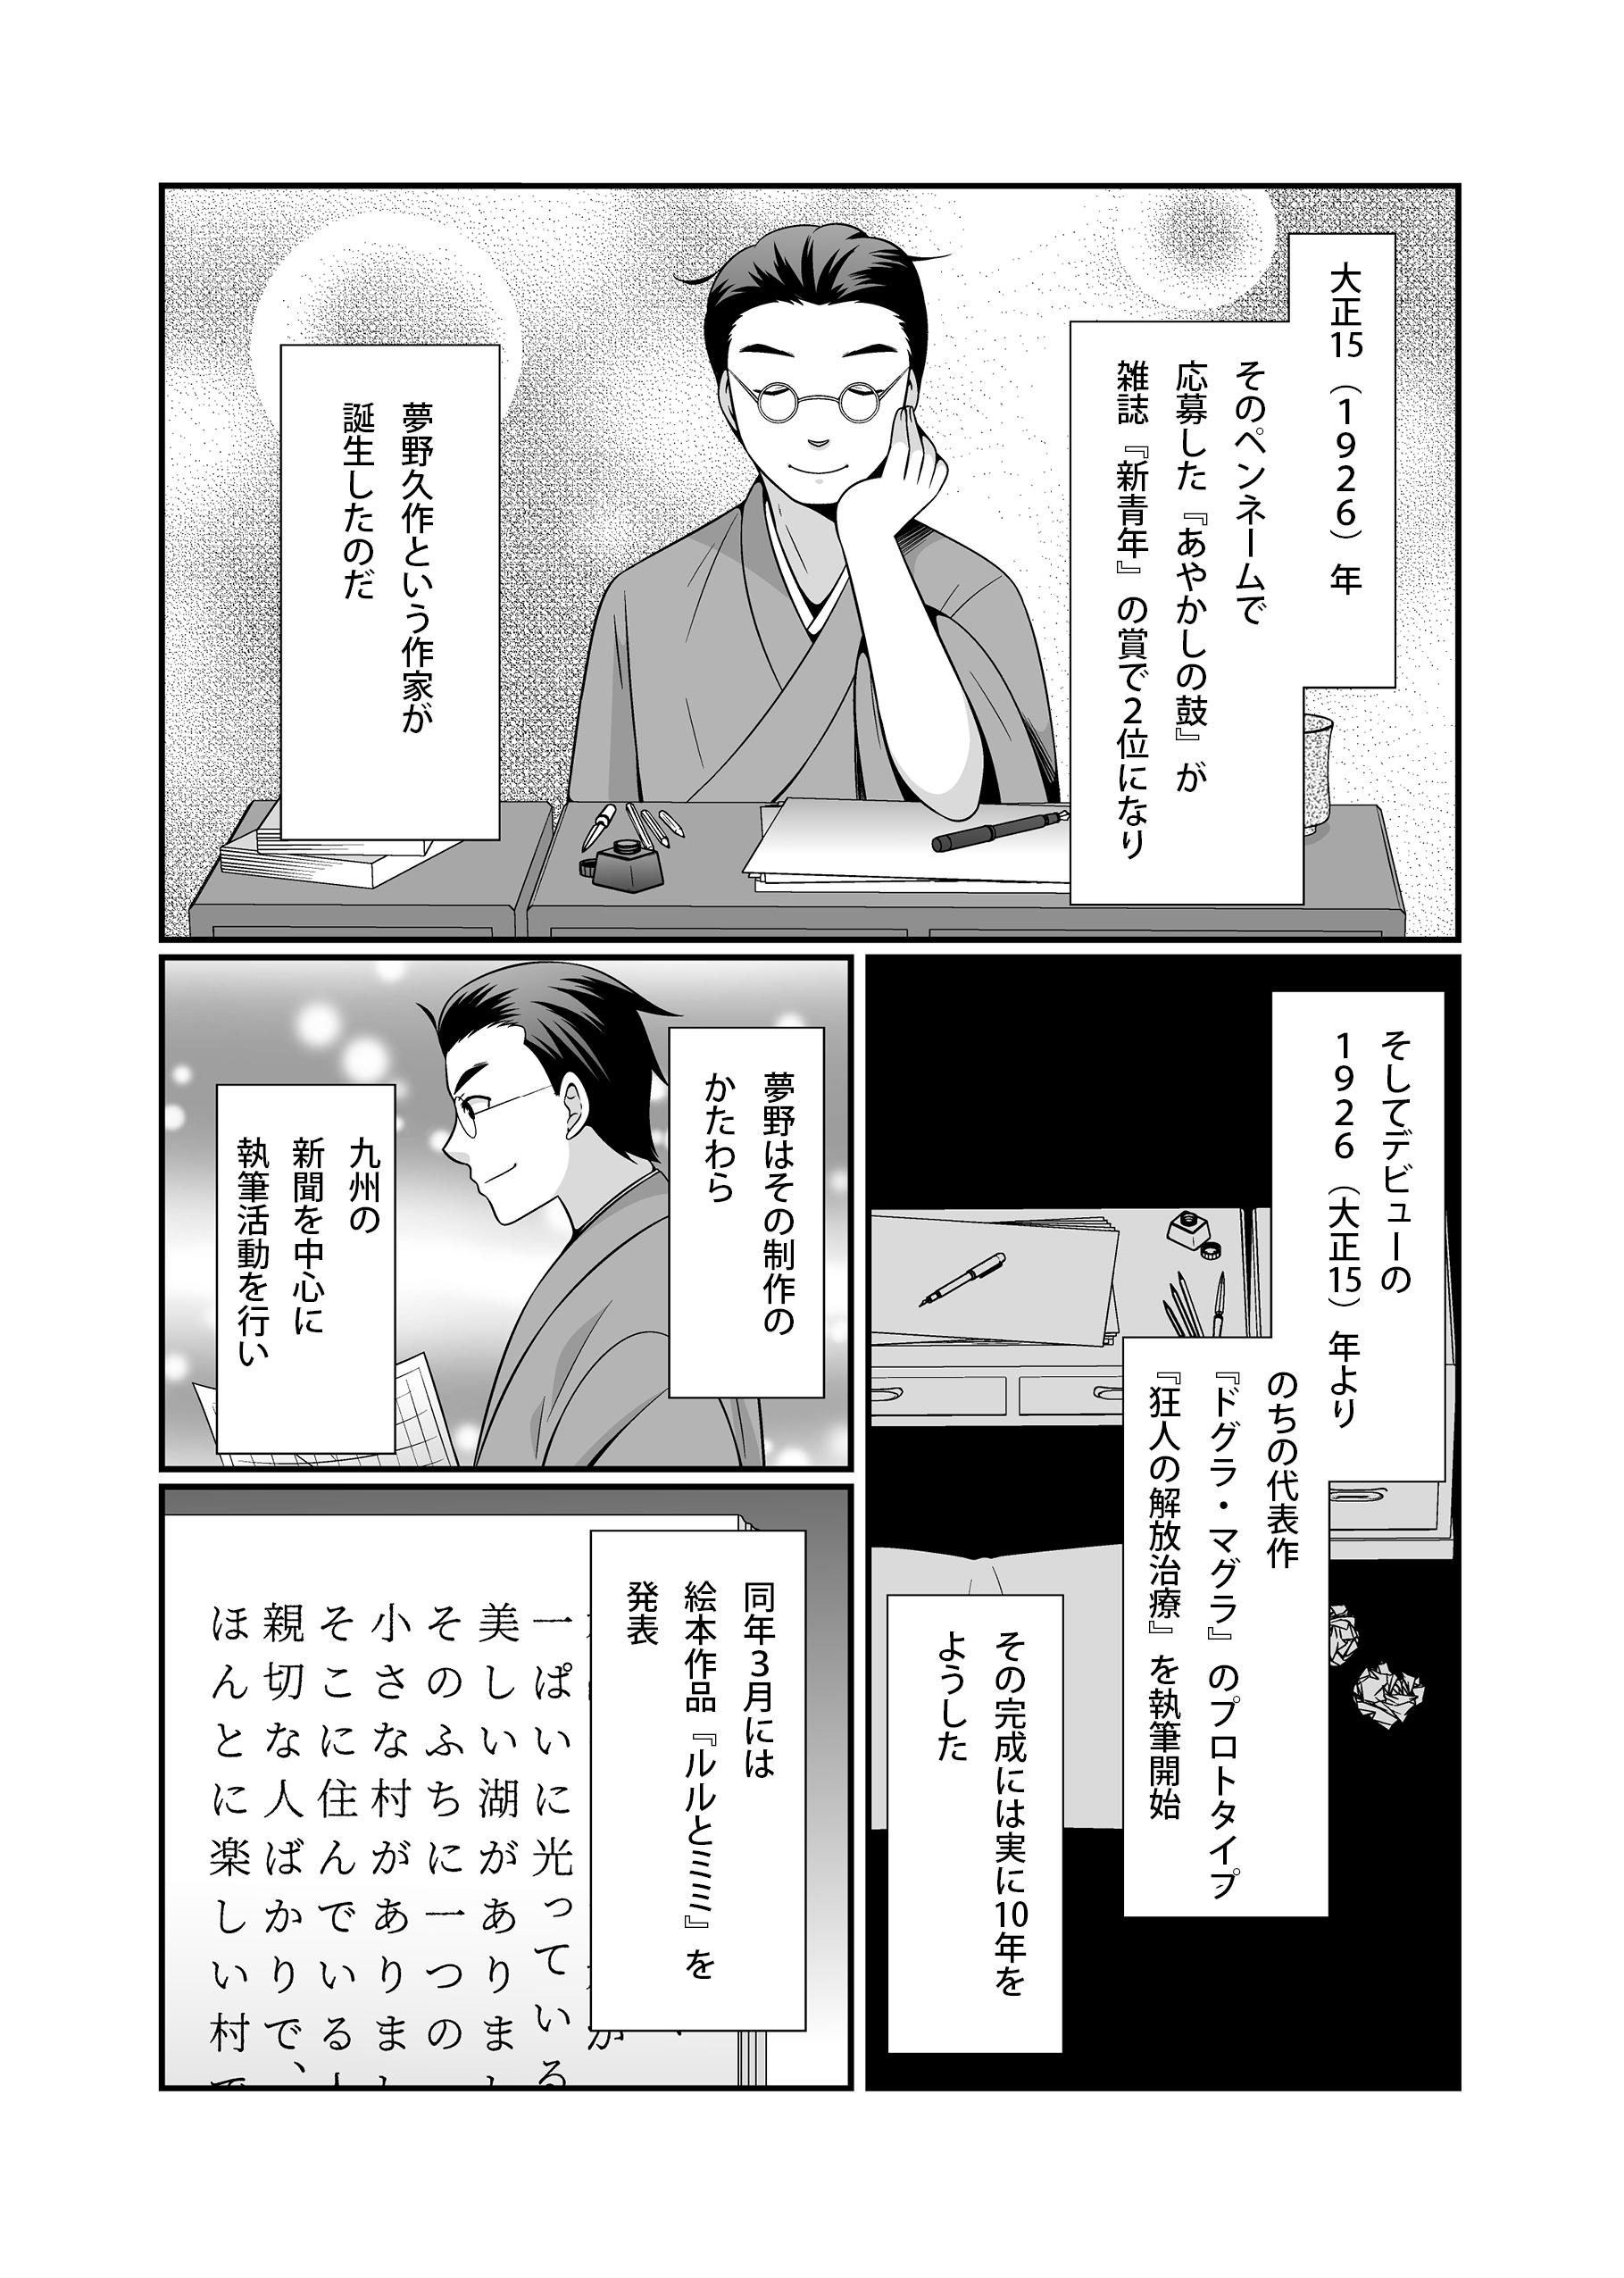 早世の奇才!夢野久作   マンガ 九州の偉人・文化ものがたり